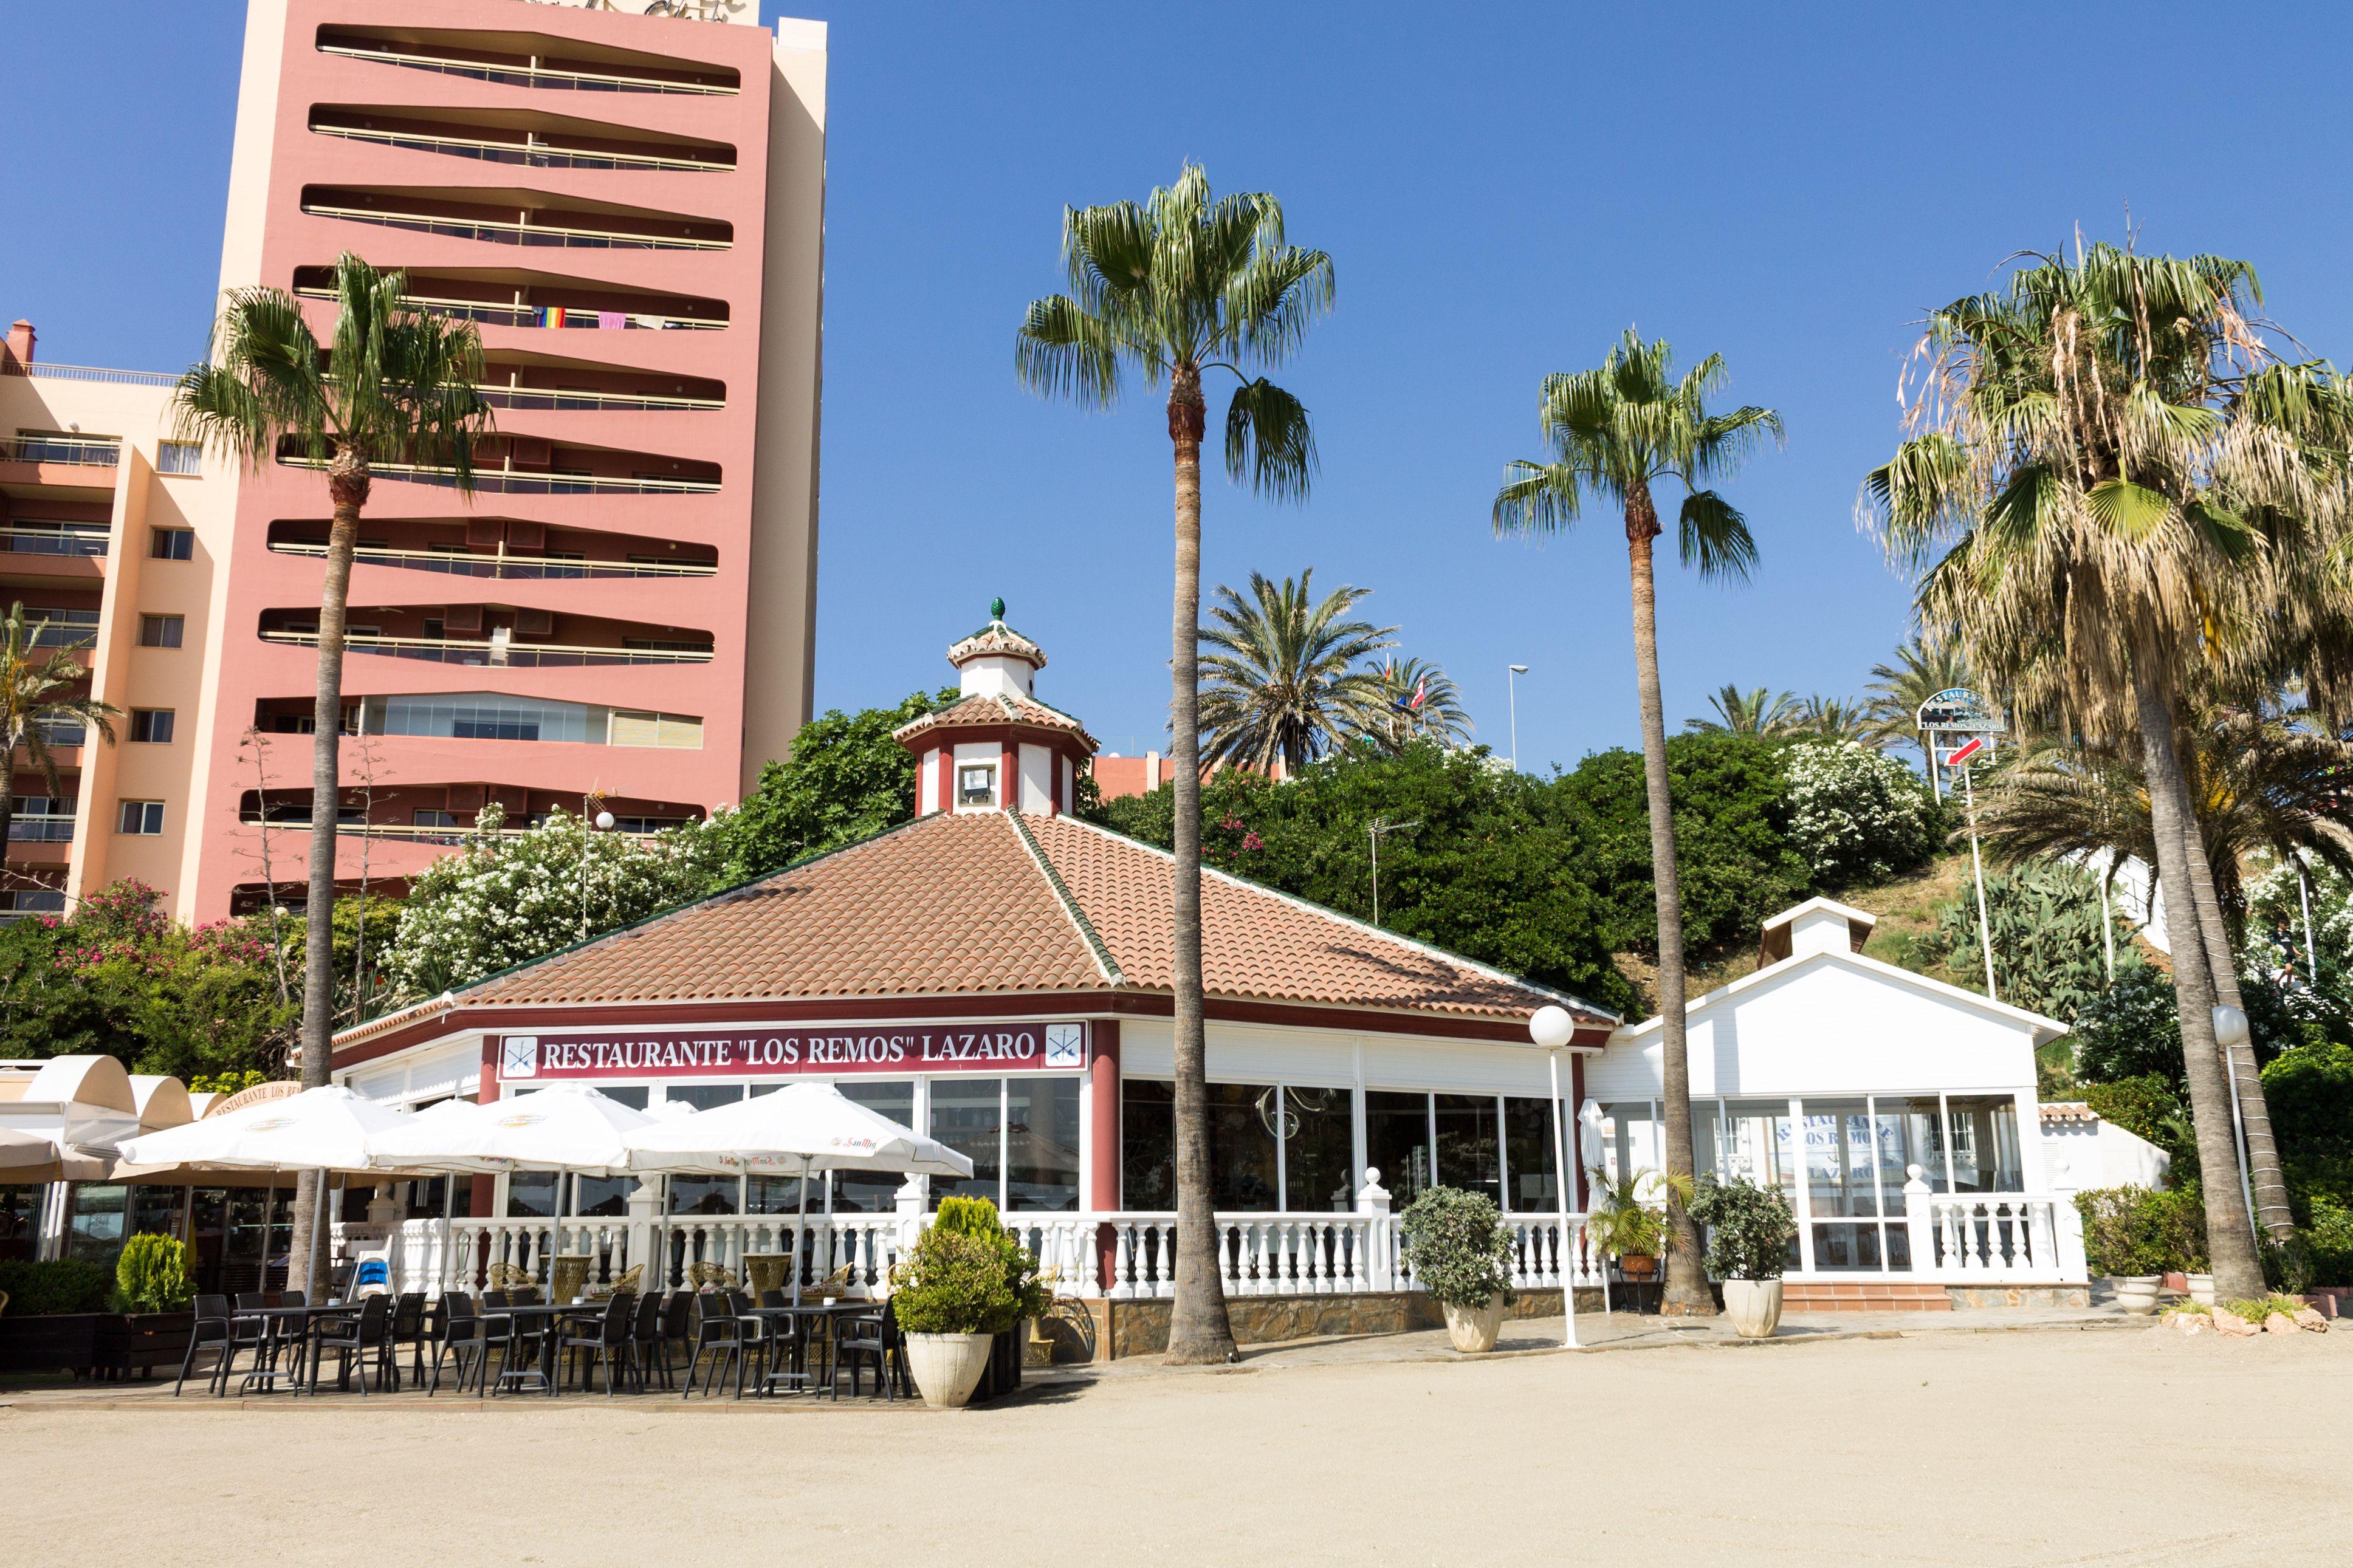 Restaurante para celebraciones en Benalmádena